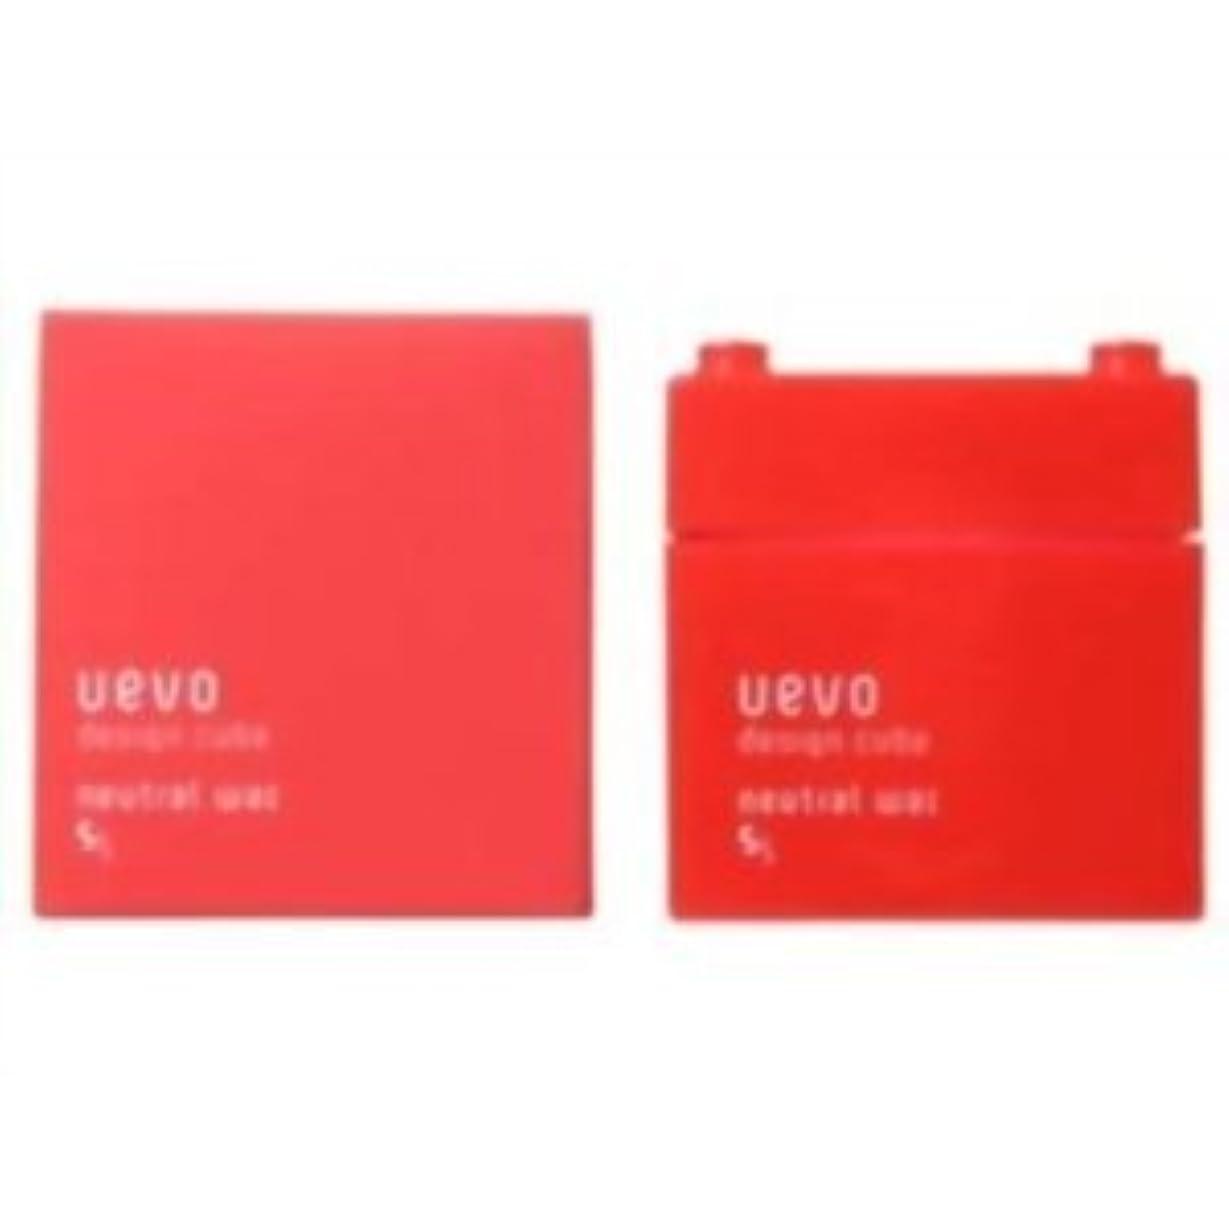 気分小人ワックス【X2個セット】 デミ ウェーボ デザインキューブ ニュートラルワックス 80g neutral wax DEMI uevo design cube